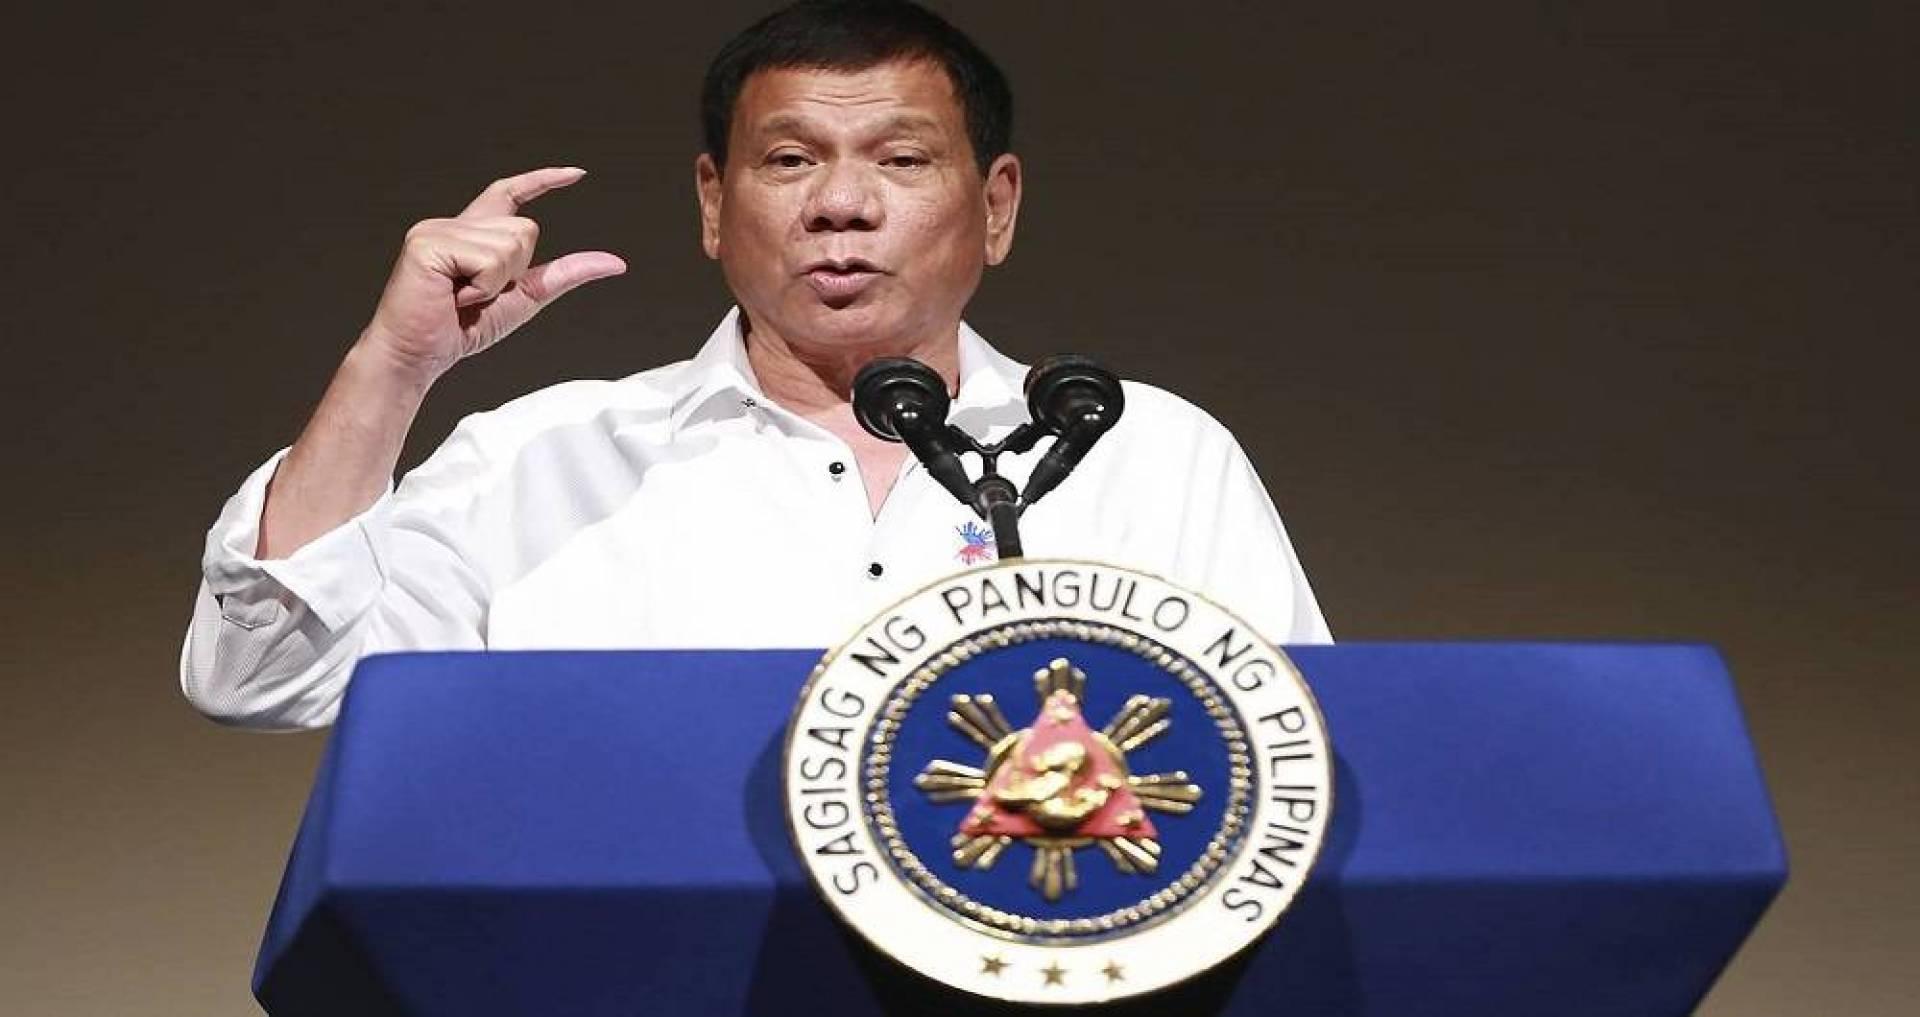 الرئيس الفلبيني يتطوع لتجربة اللقاح الروسي على نفسه